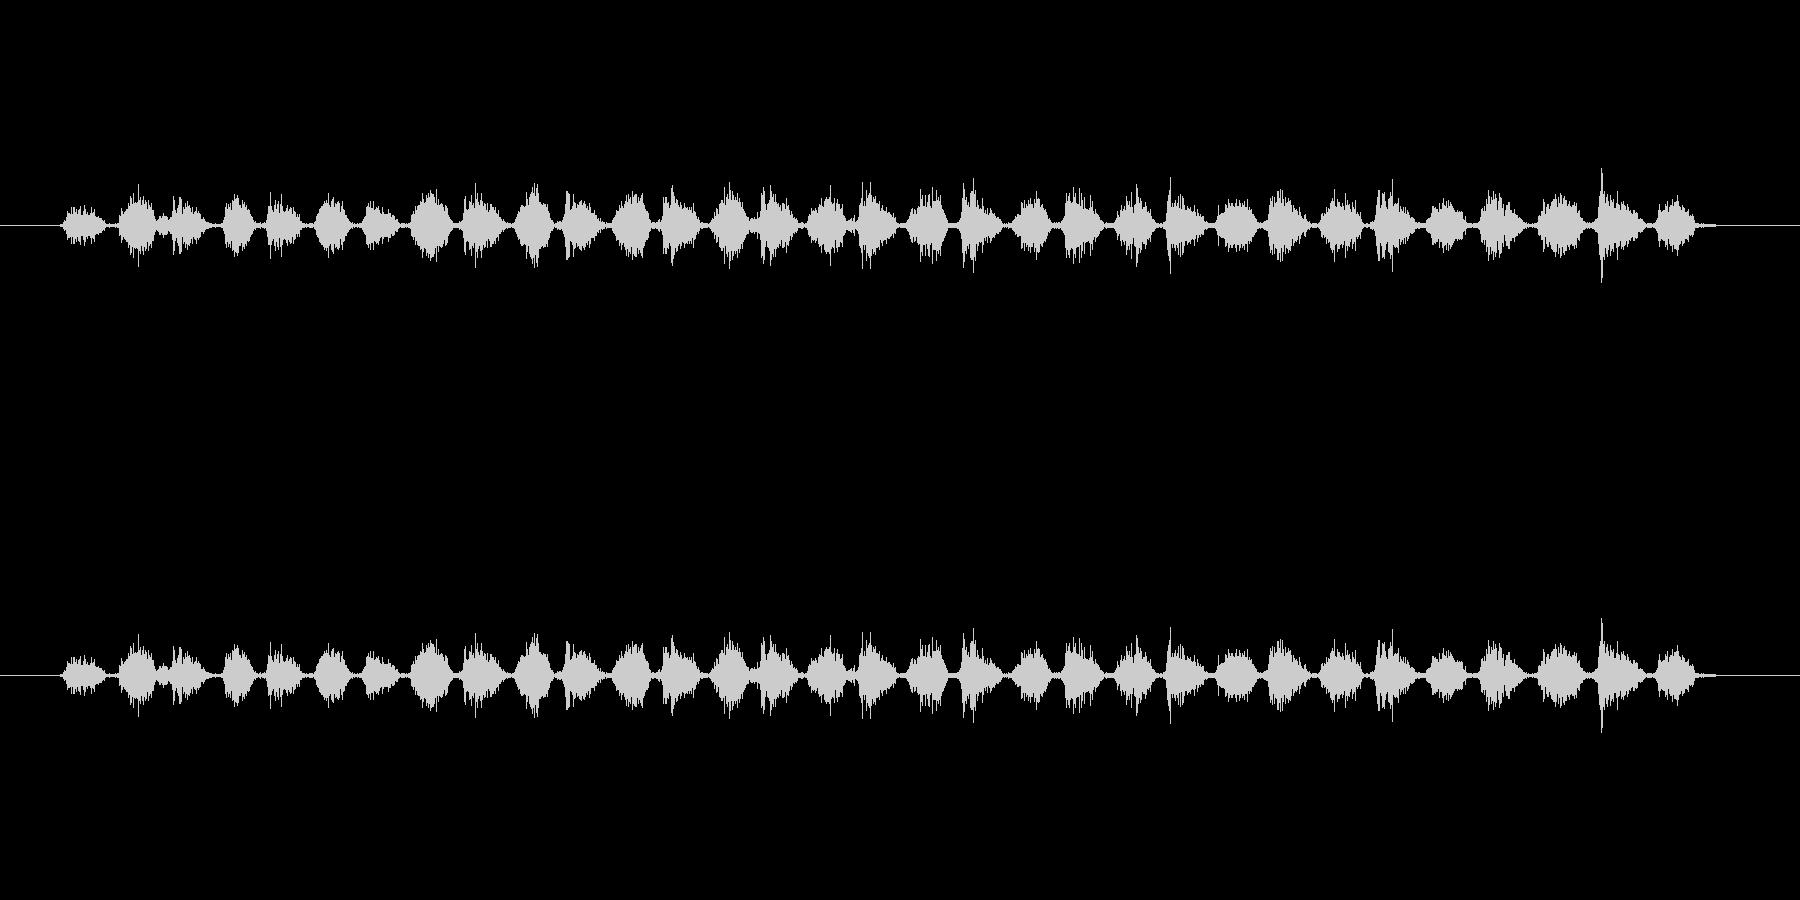 【消しゴム01-6(こする)】の未再生の波形